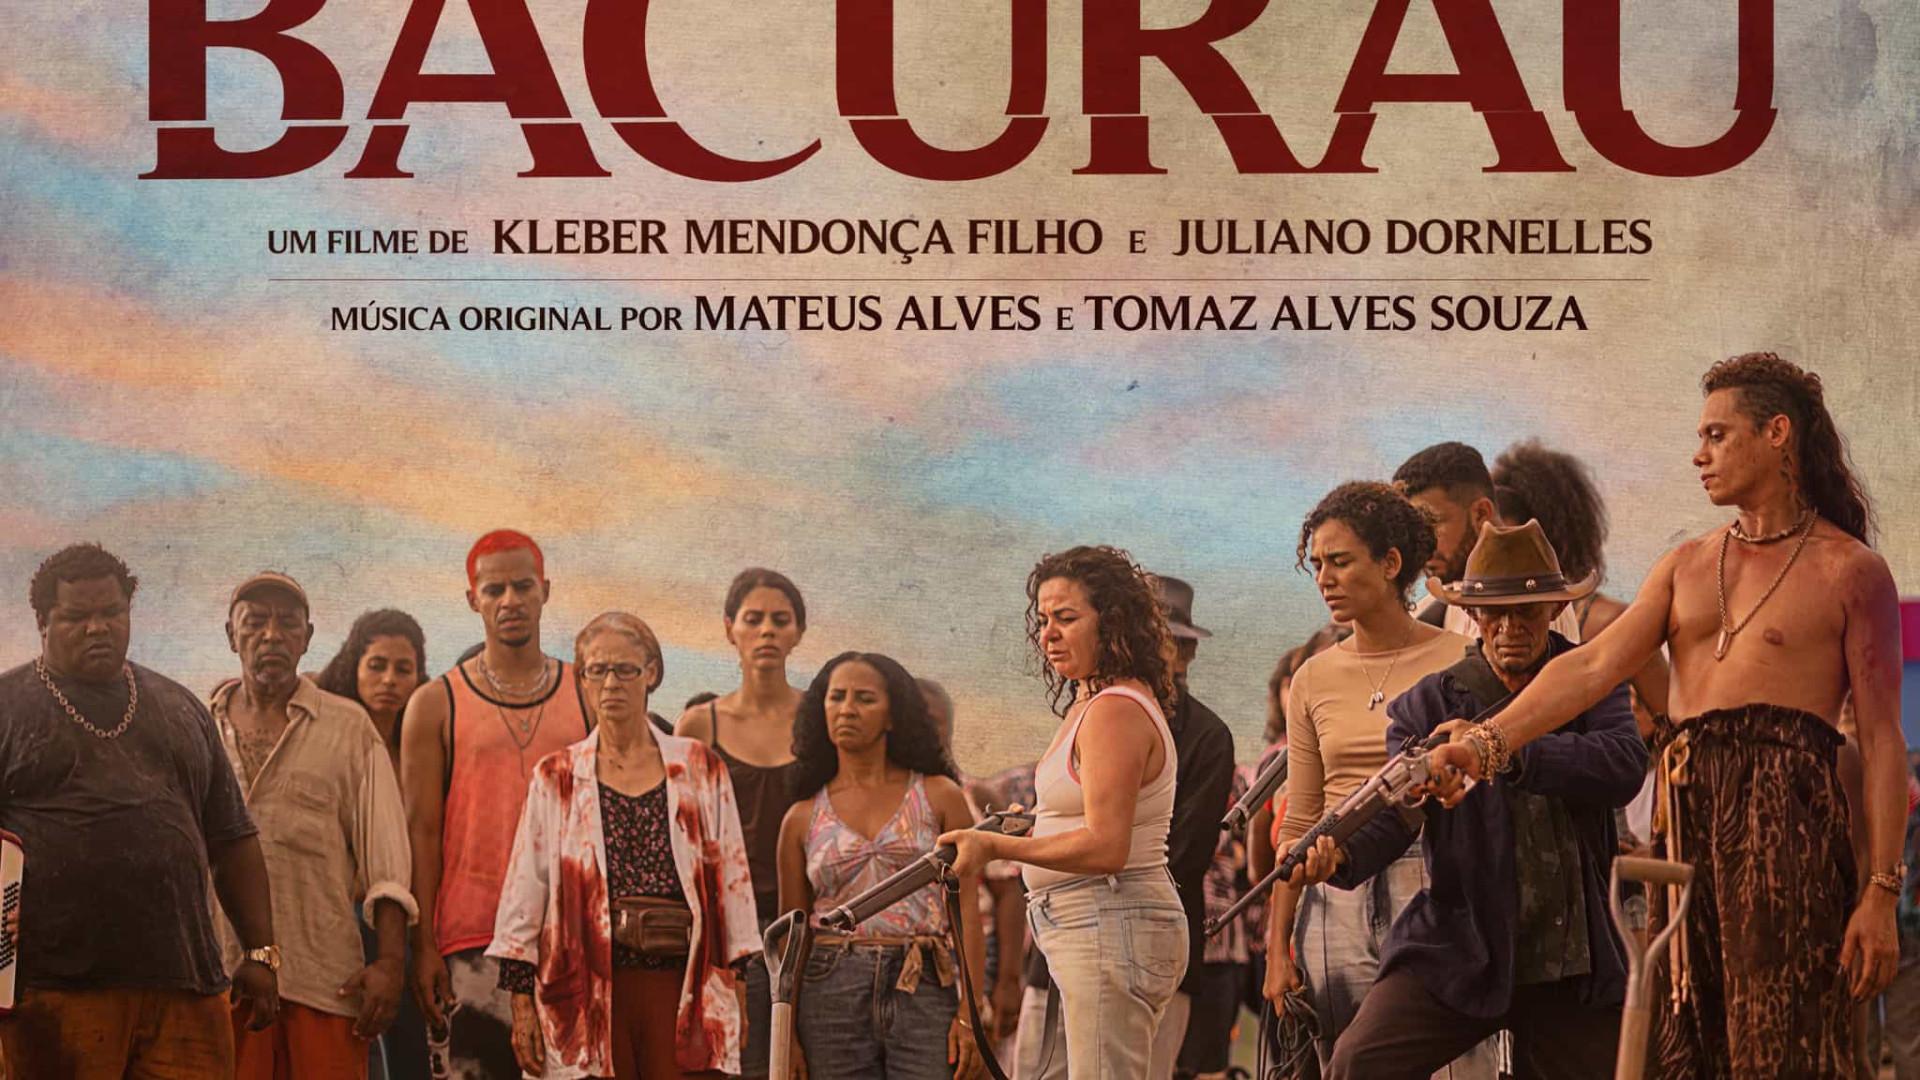 'Bacurau' domina Grande Prêmio do Cinema Brasileiro, com 6 troféus